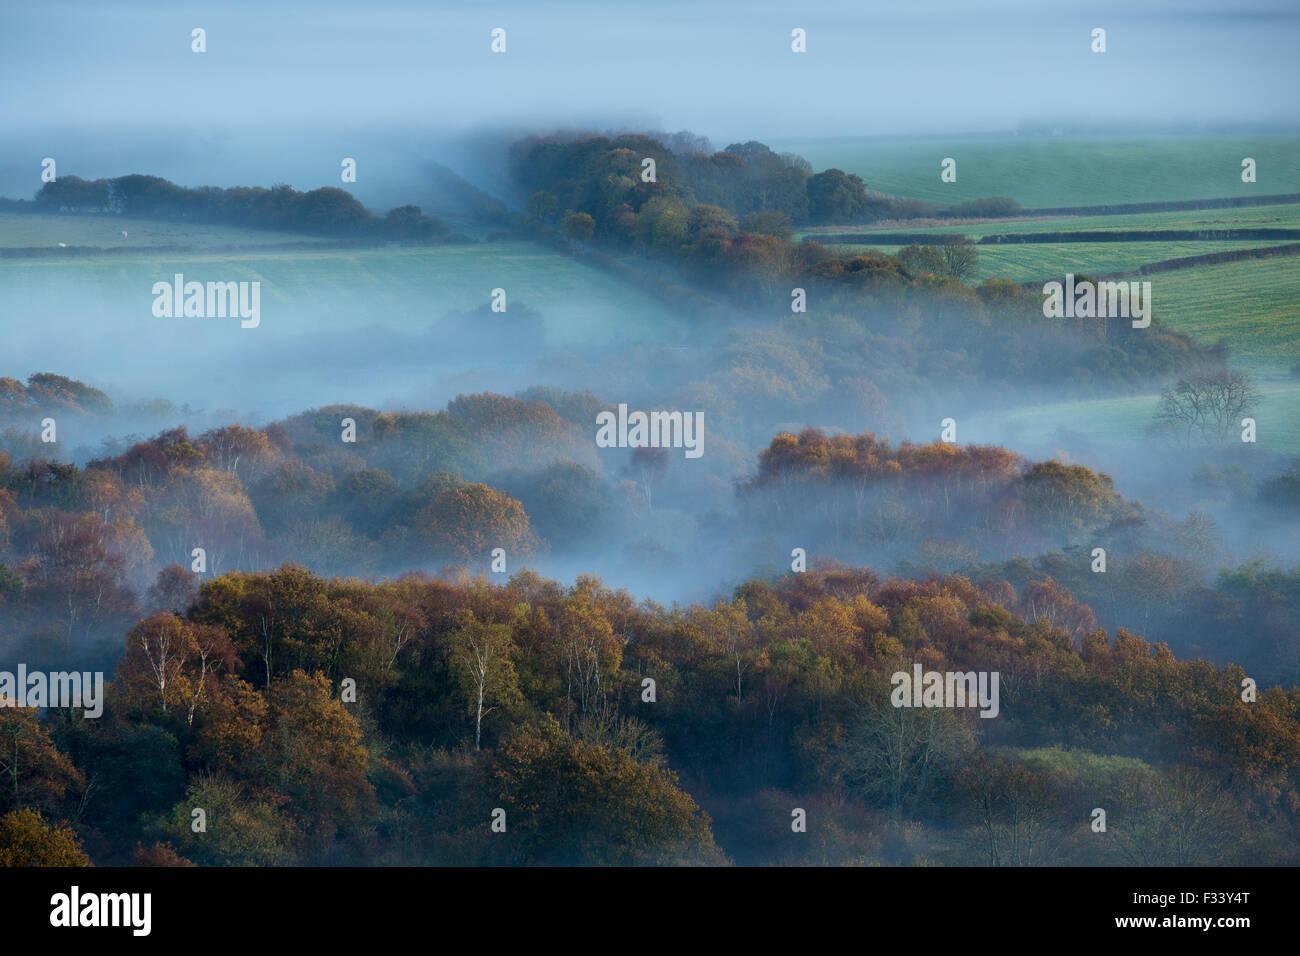 Una nebbiosa mattina sulla isola di Purbeck nr Corfe Castle, Dorset, Inghilterra Immagini Stock